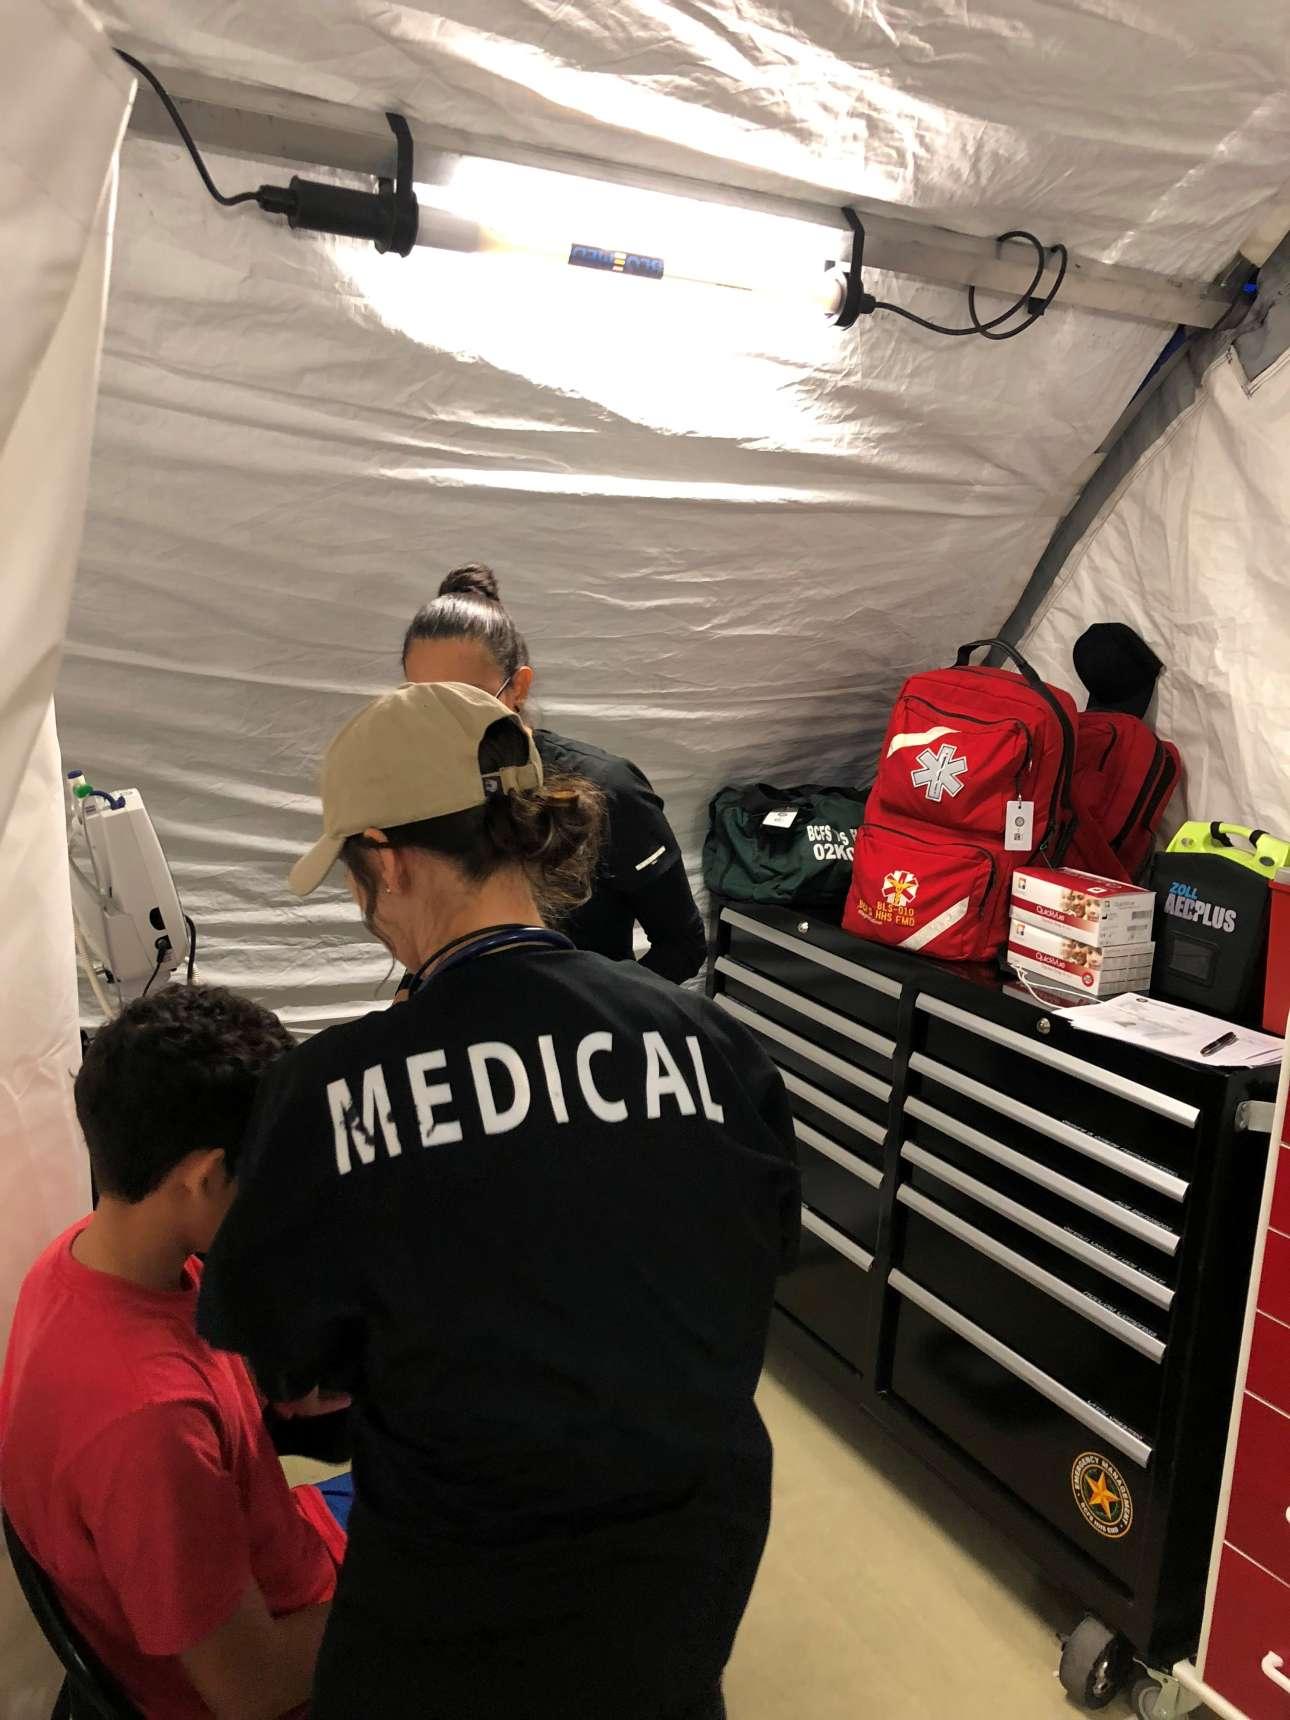 Μία μικρή κλινική έχει στηθεί μέσα στο Κέντρο Μεταναστών